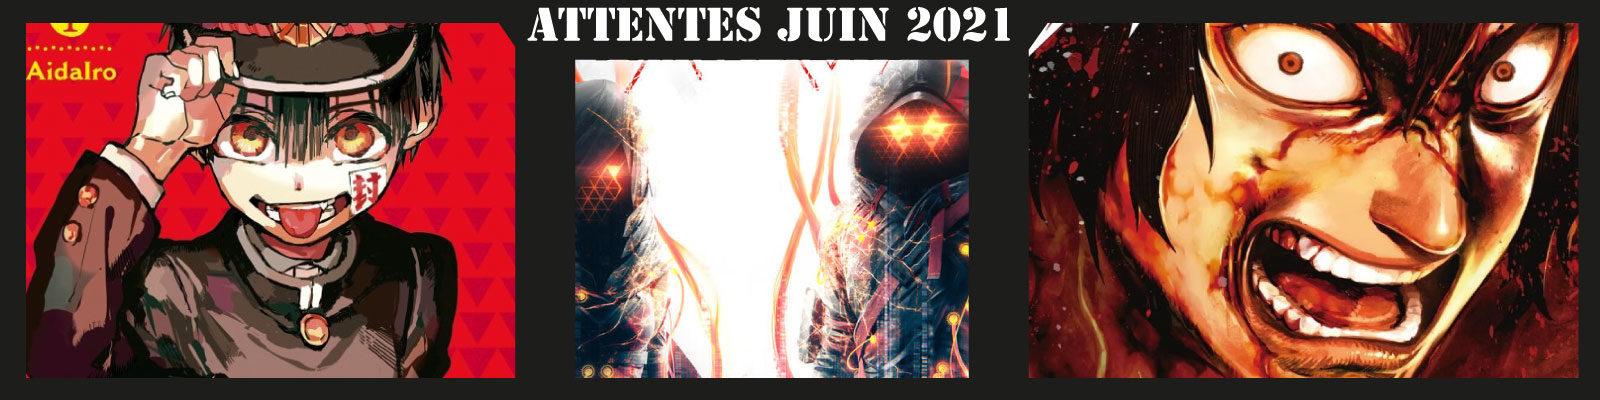 attente-juin 2021